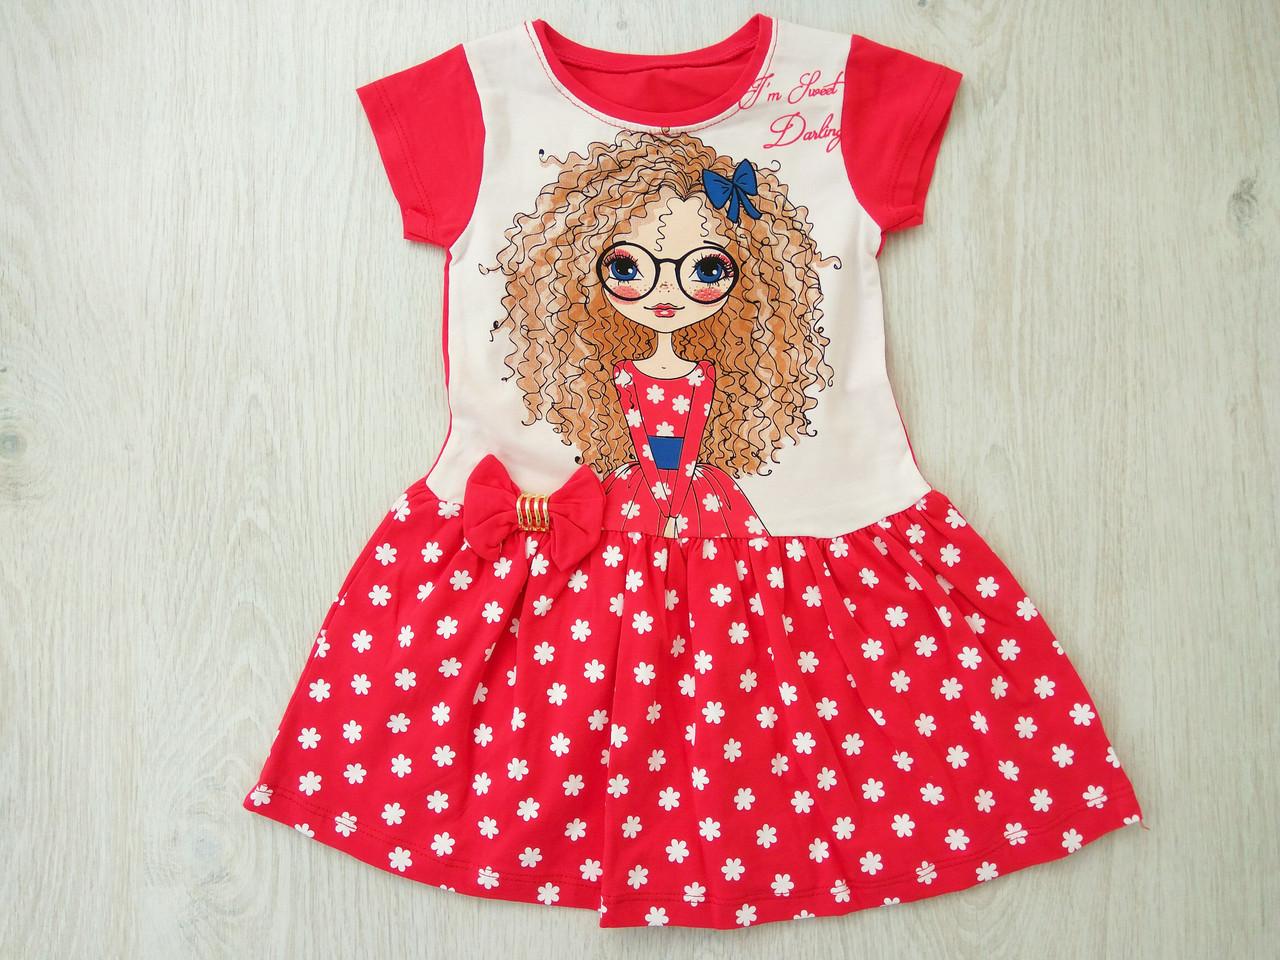 Платье для девочки, Babexi, Турция, арт 240391